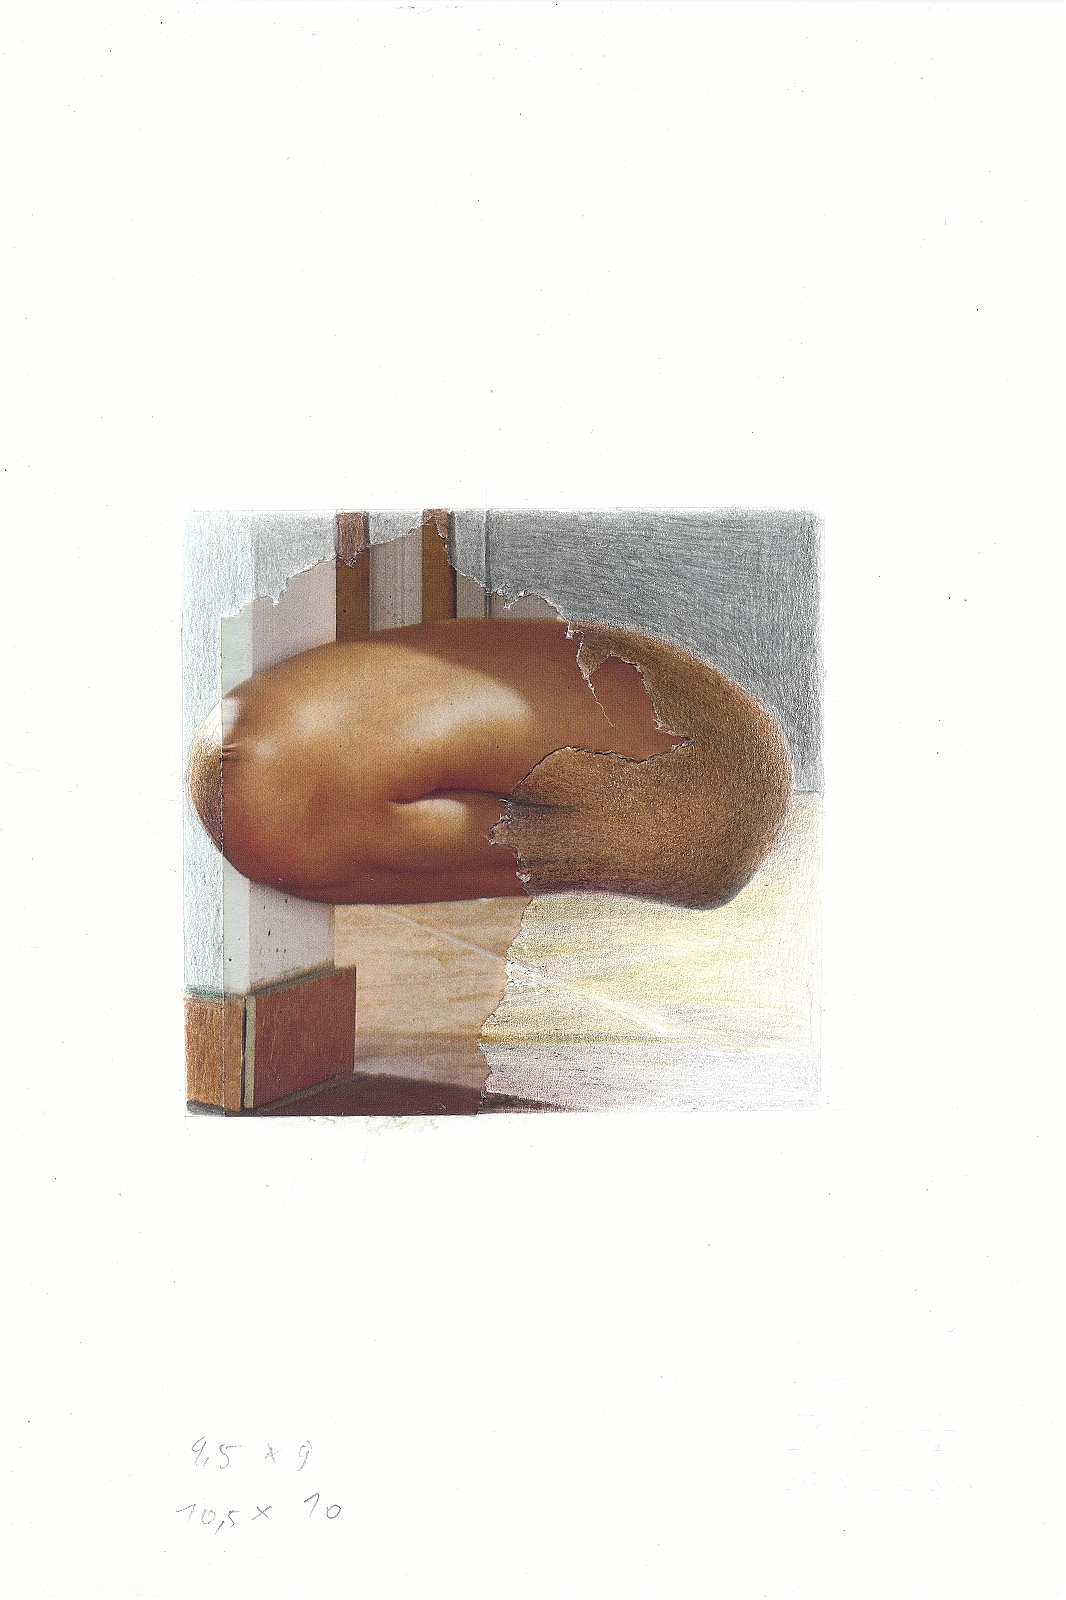 """""""o.T."""", 2013, pencil, collage, 16.5 x 24 cm"""